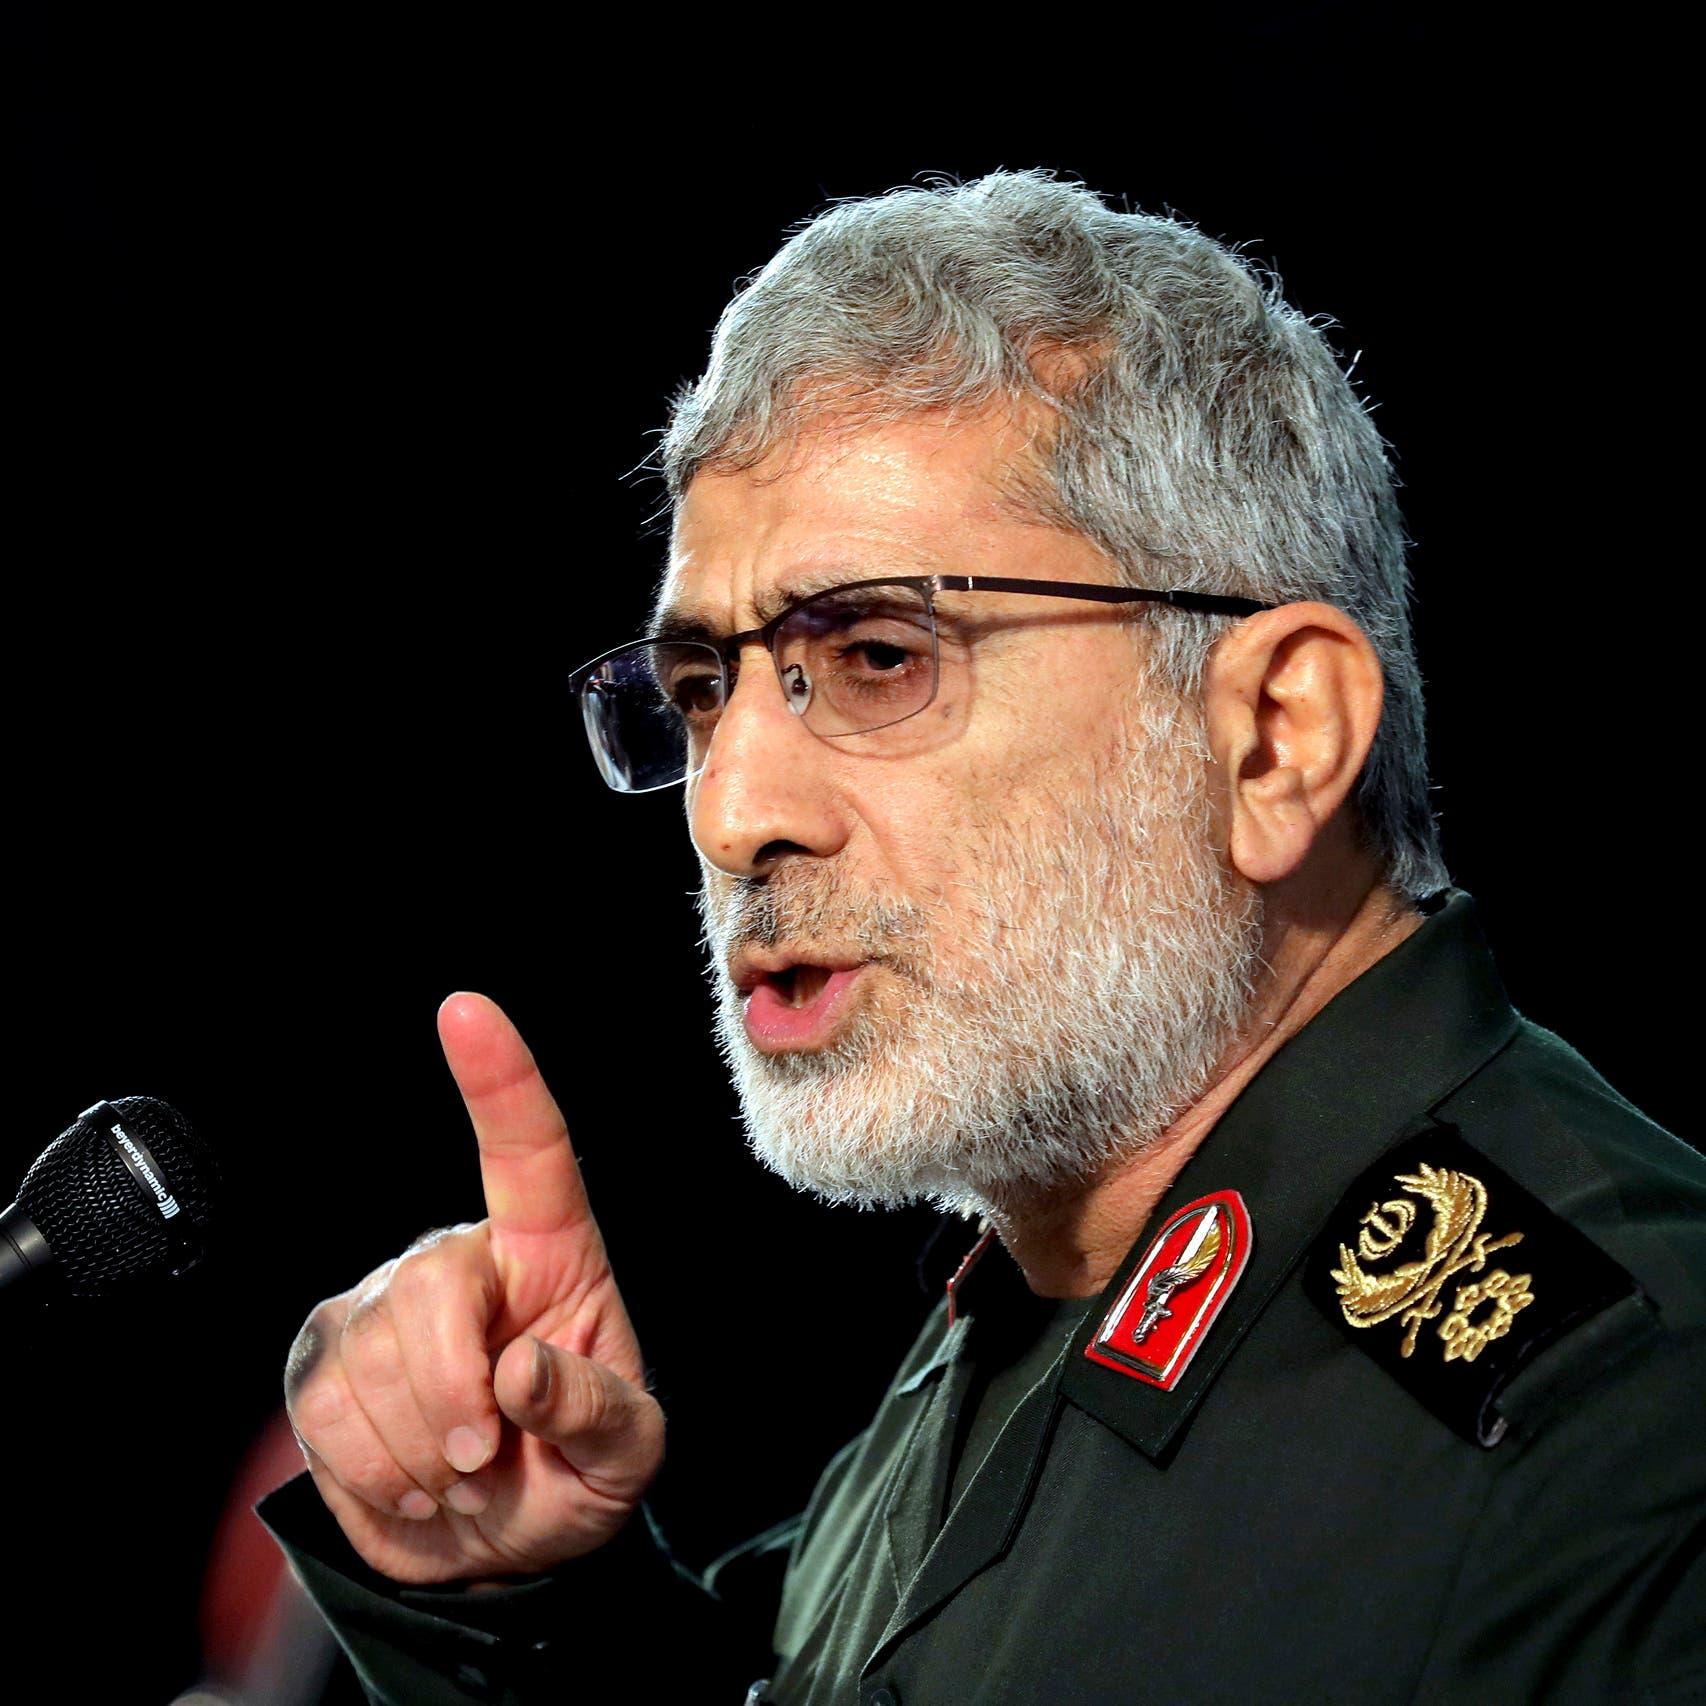 رويترز: قآأني يتابع نتائج انتخابات العراق.. وميليشيات إيران تهدد بحرق المباني